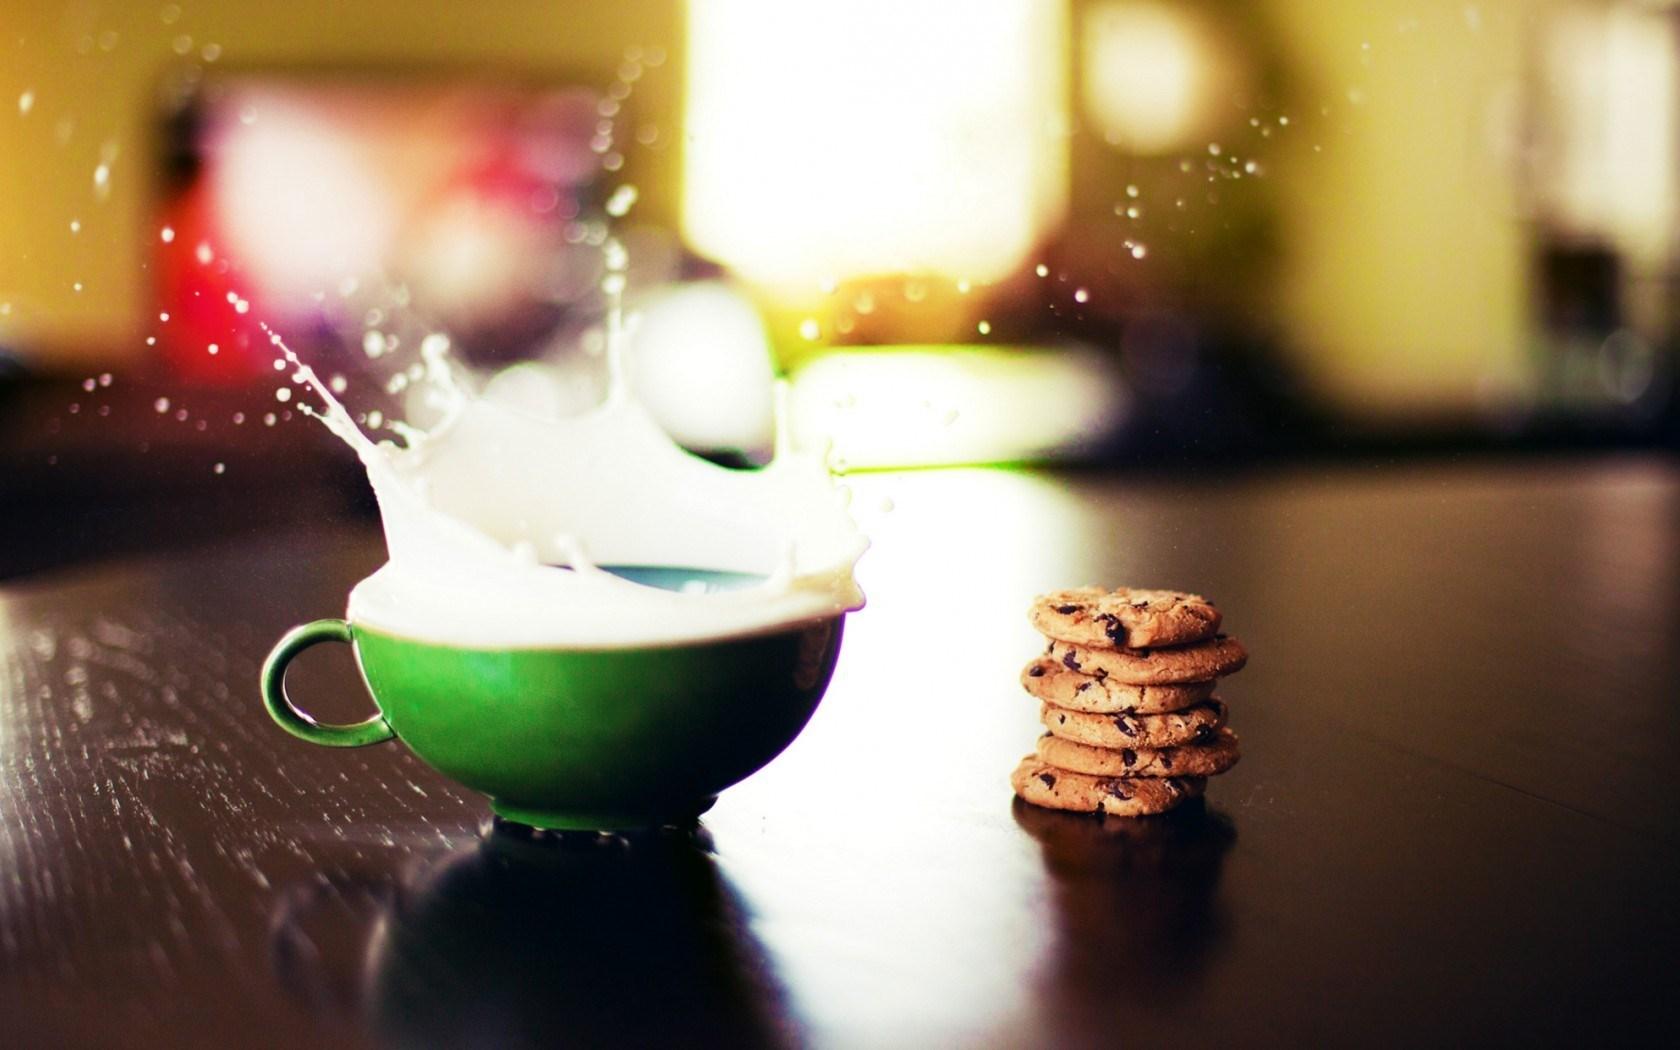 Cup Milk Splash Drops Cookies